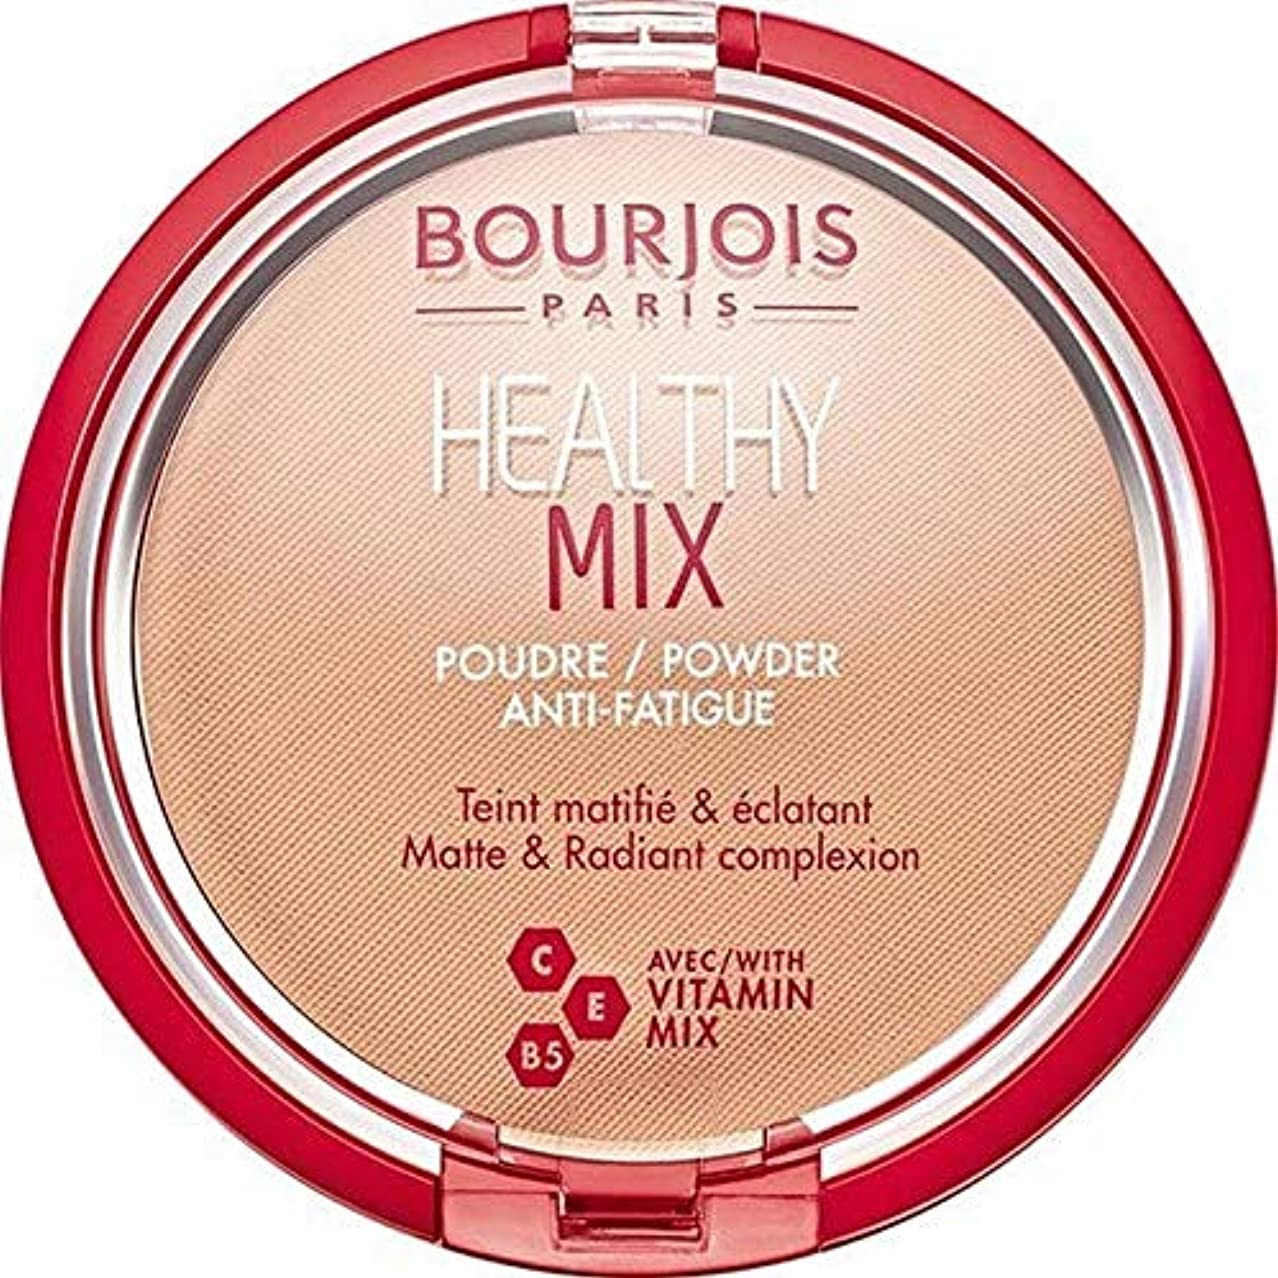 前兆バッグ憂慮すべき[Bourjois ] ブルジョワヘルシーミックスは粉末3を押します - Bourjois Healthy Mix Pressed Powder 3 [並行輸入品]